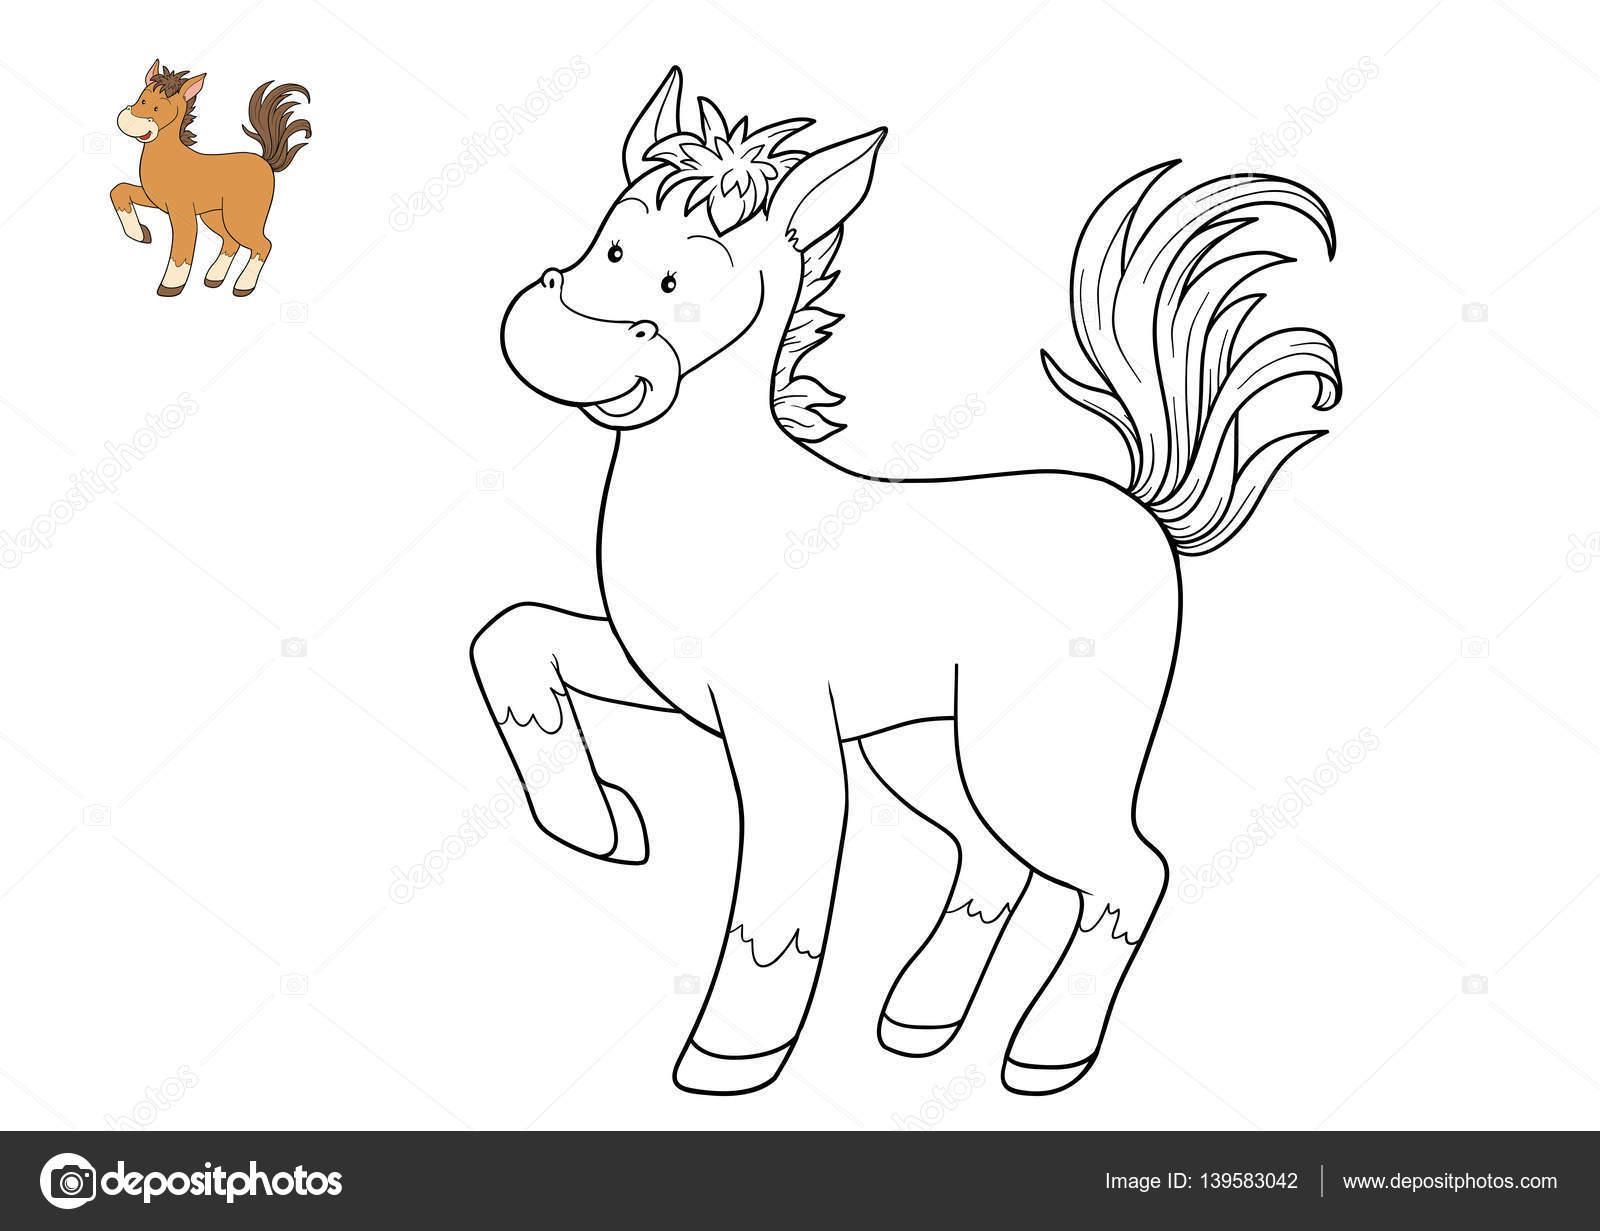 Dibujos De Caballos Para Colorear E Imprimir: Caballo Caricatura Para Colorear